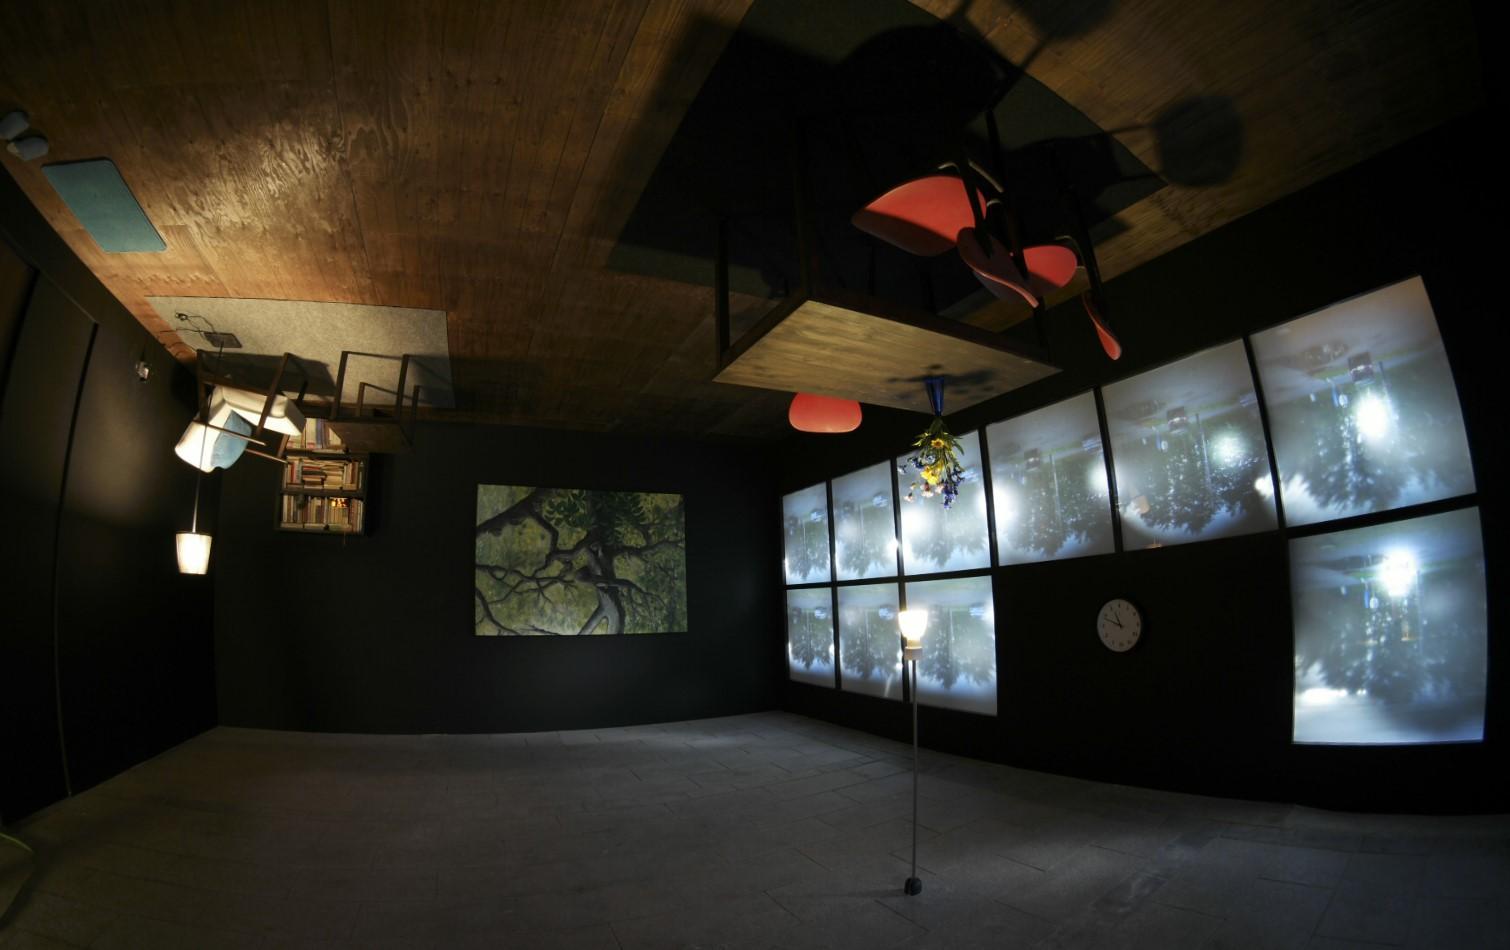 北アルプス国際芸術祭スタート!大岩オスカール「夢の部屋」も完成